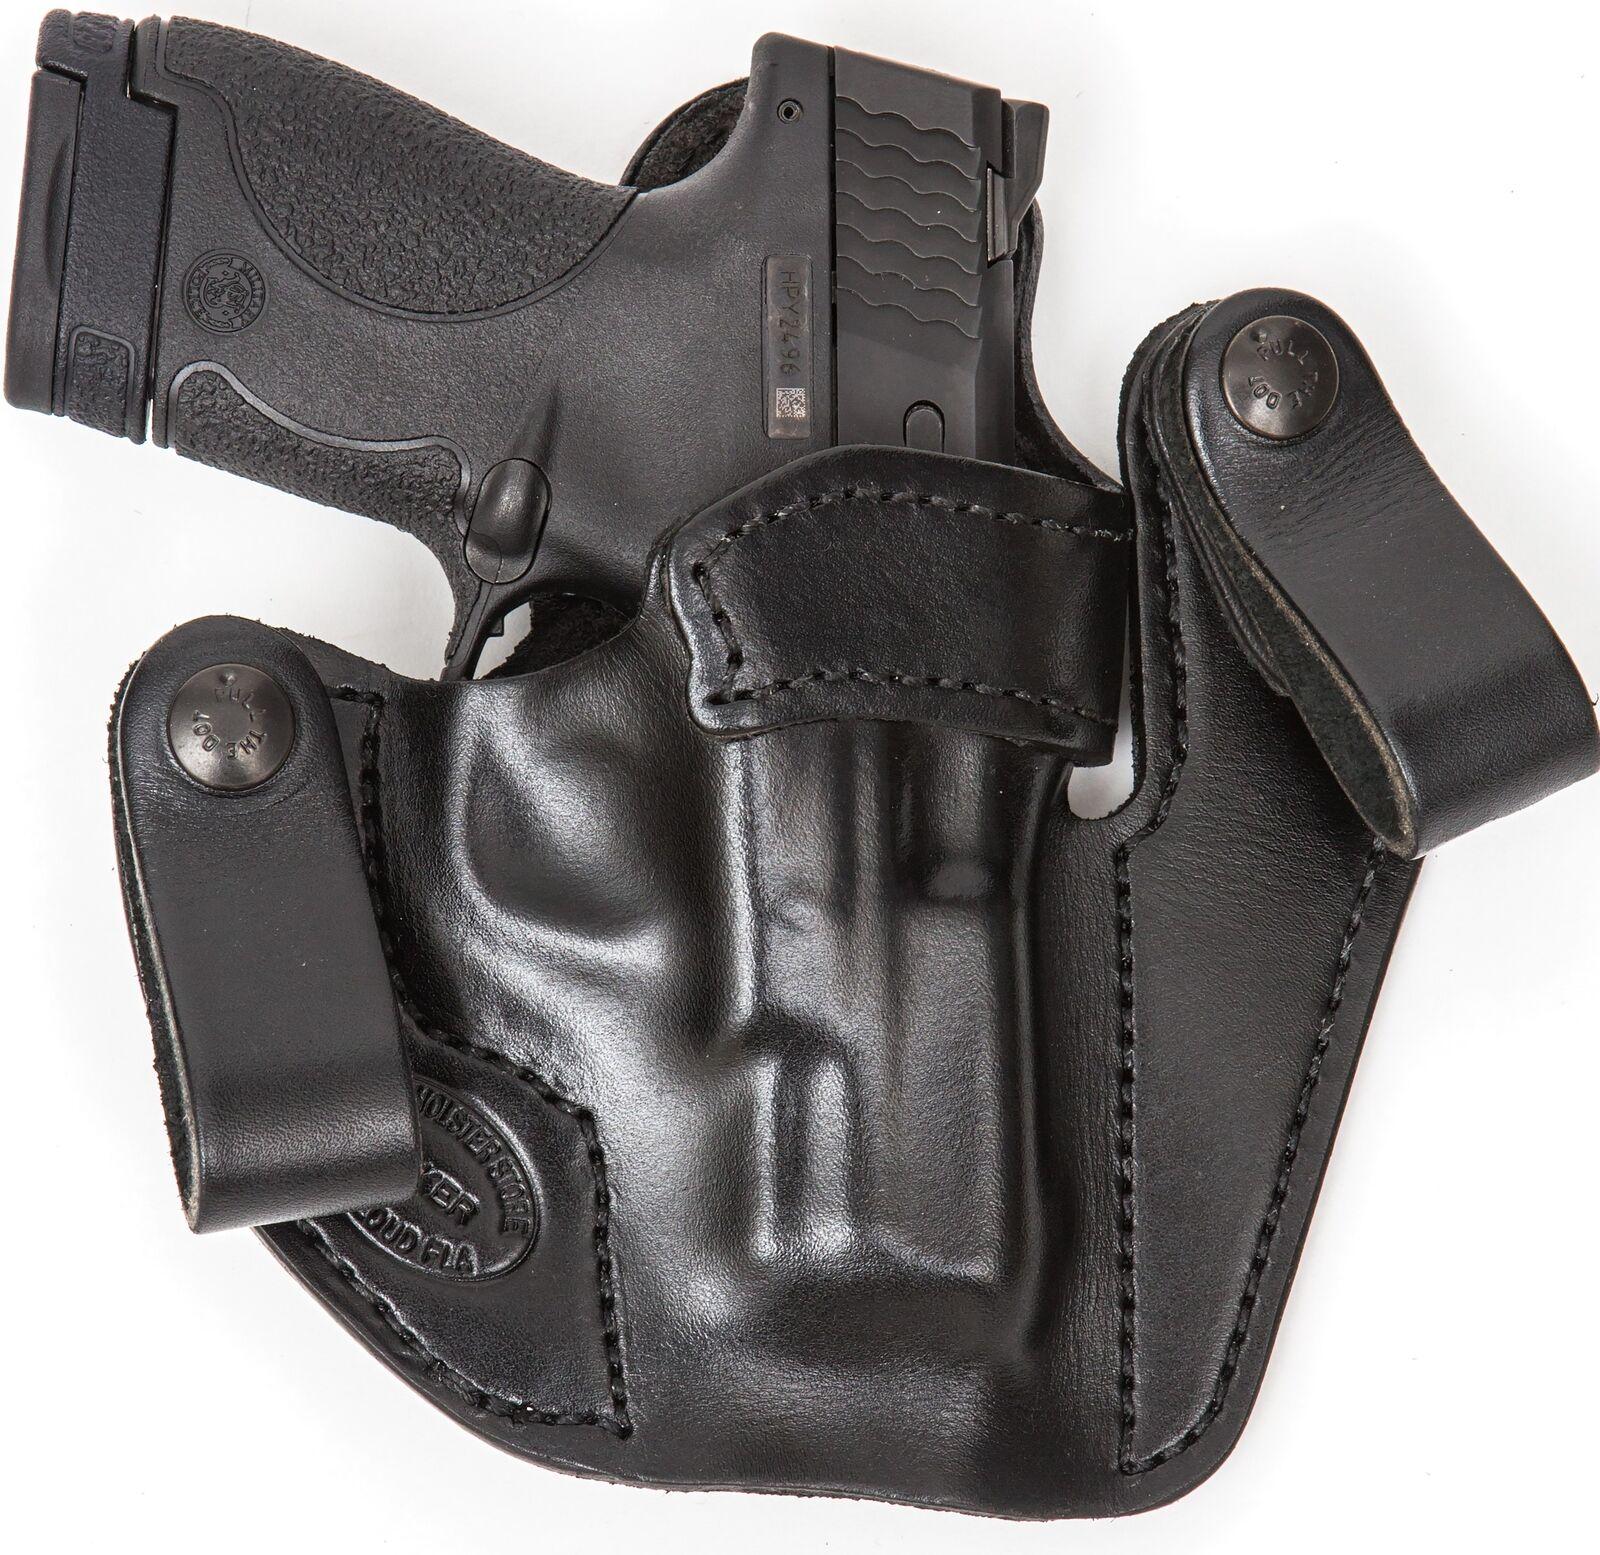 XTREME llevar RH LH dentro de la cintura de cuero Funda Pistola Para S&W L-Marco 3